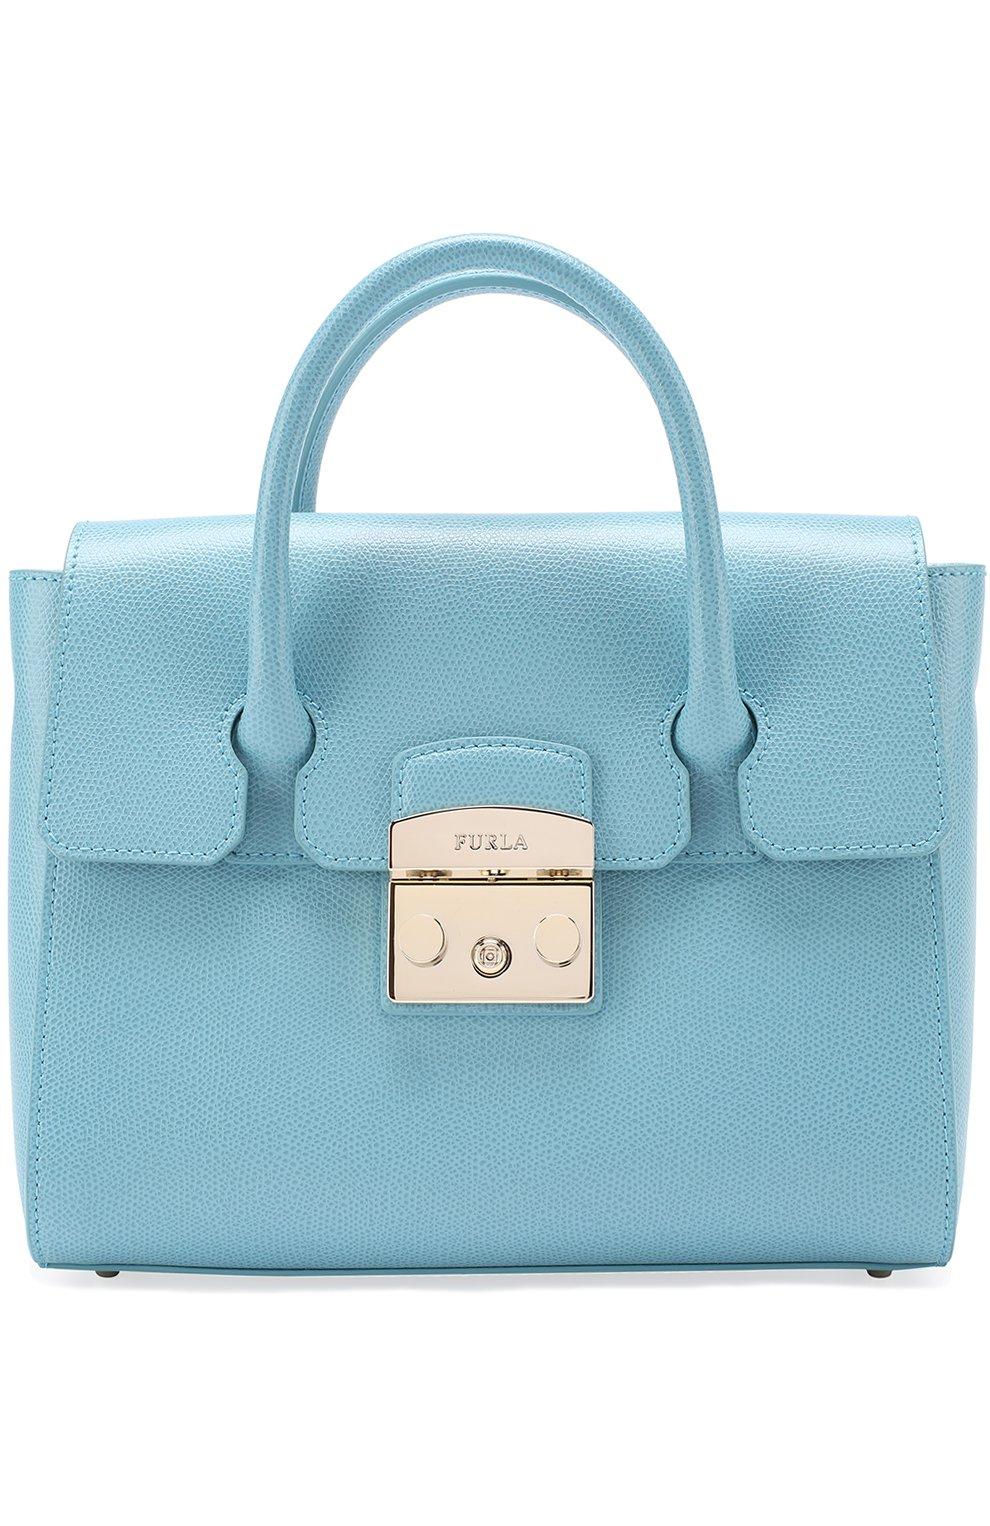 Женская сумка-тоут metropolis FURLA голубого цвета — купить за 29000 ... 02972d94c26